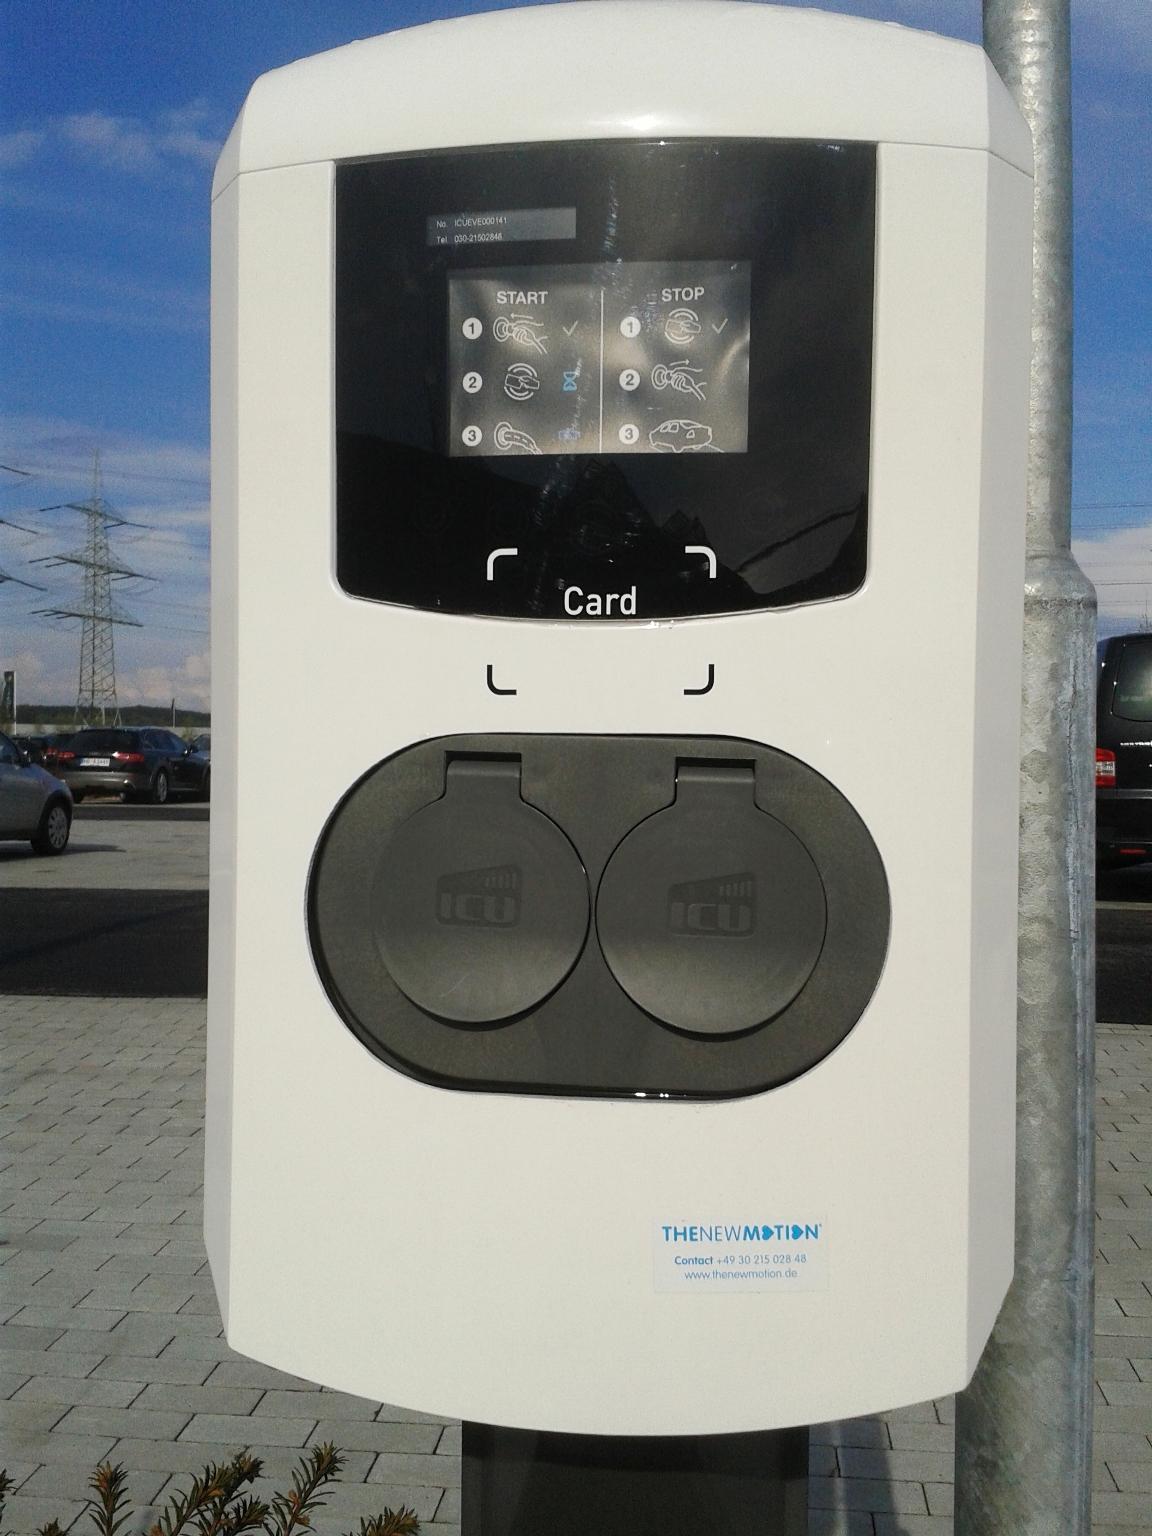 TheNewMotion - Ladestation in Emsbüren mit Typ2-Steckdosen. Mit Kundenkarte freizuschalten.